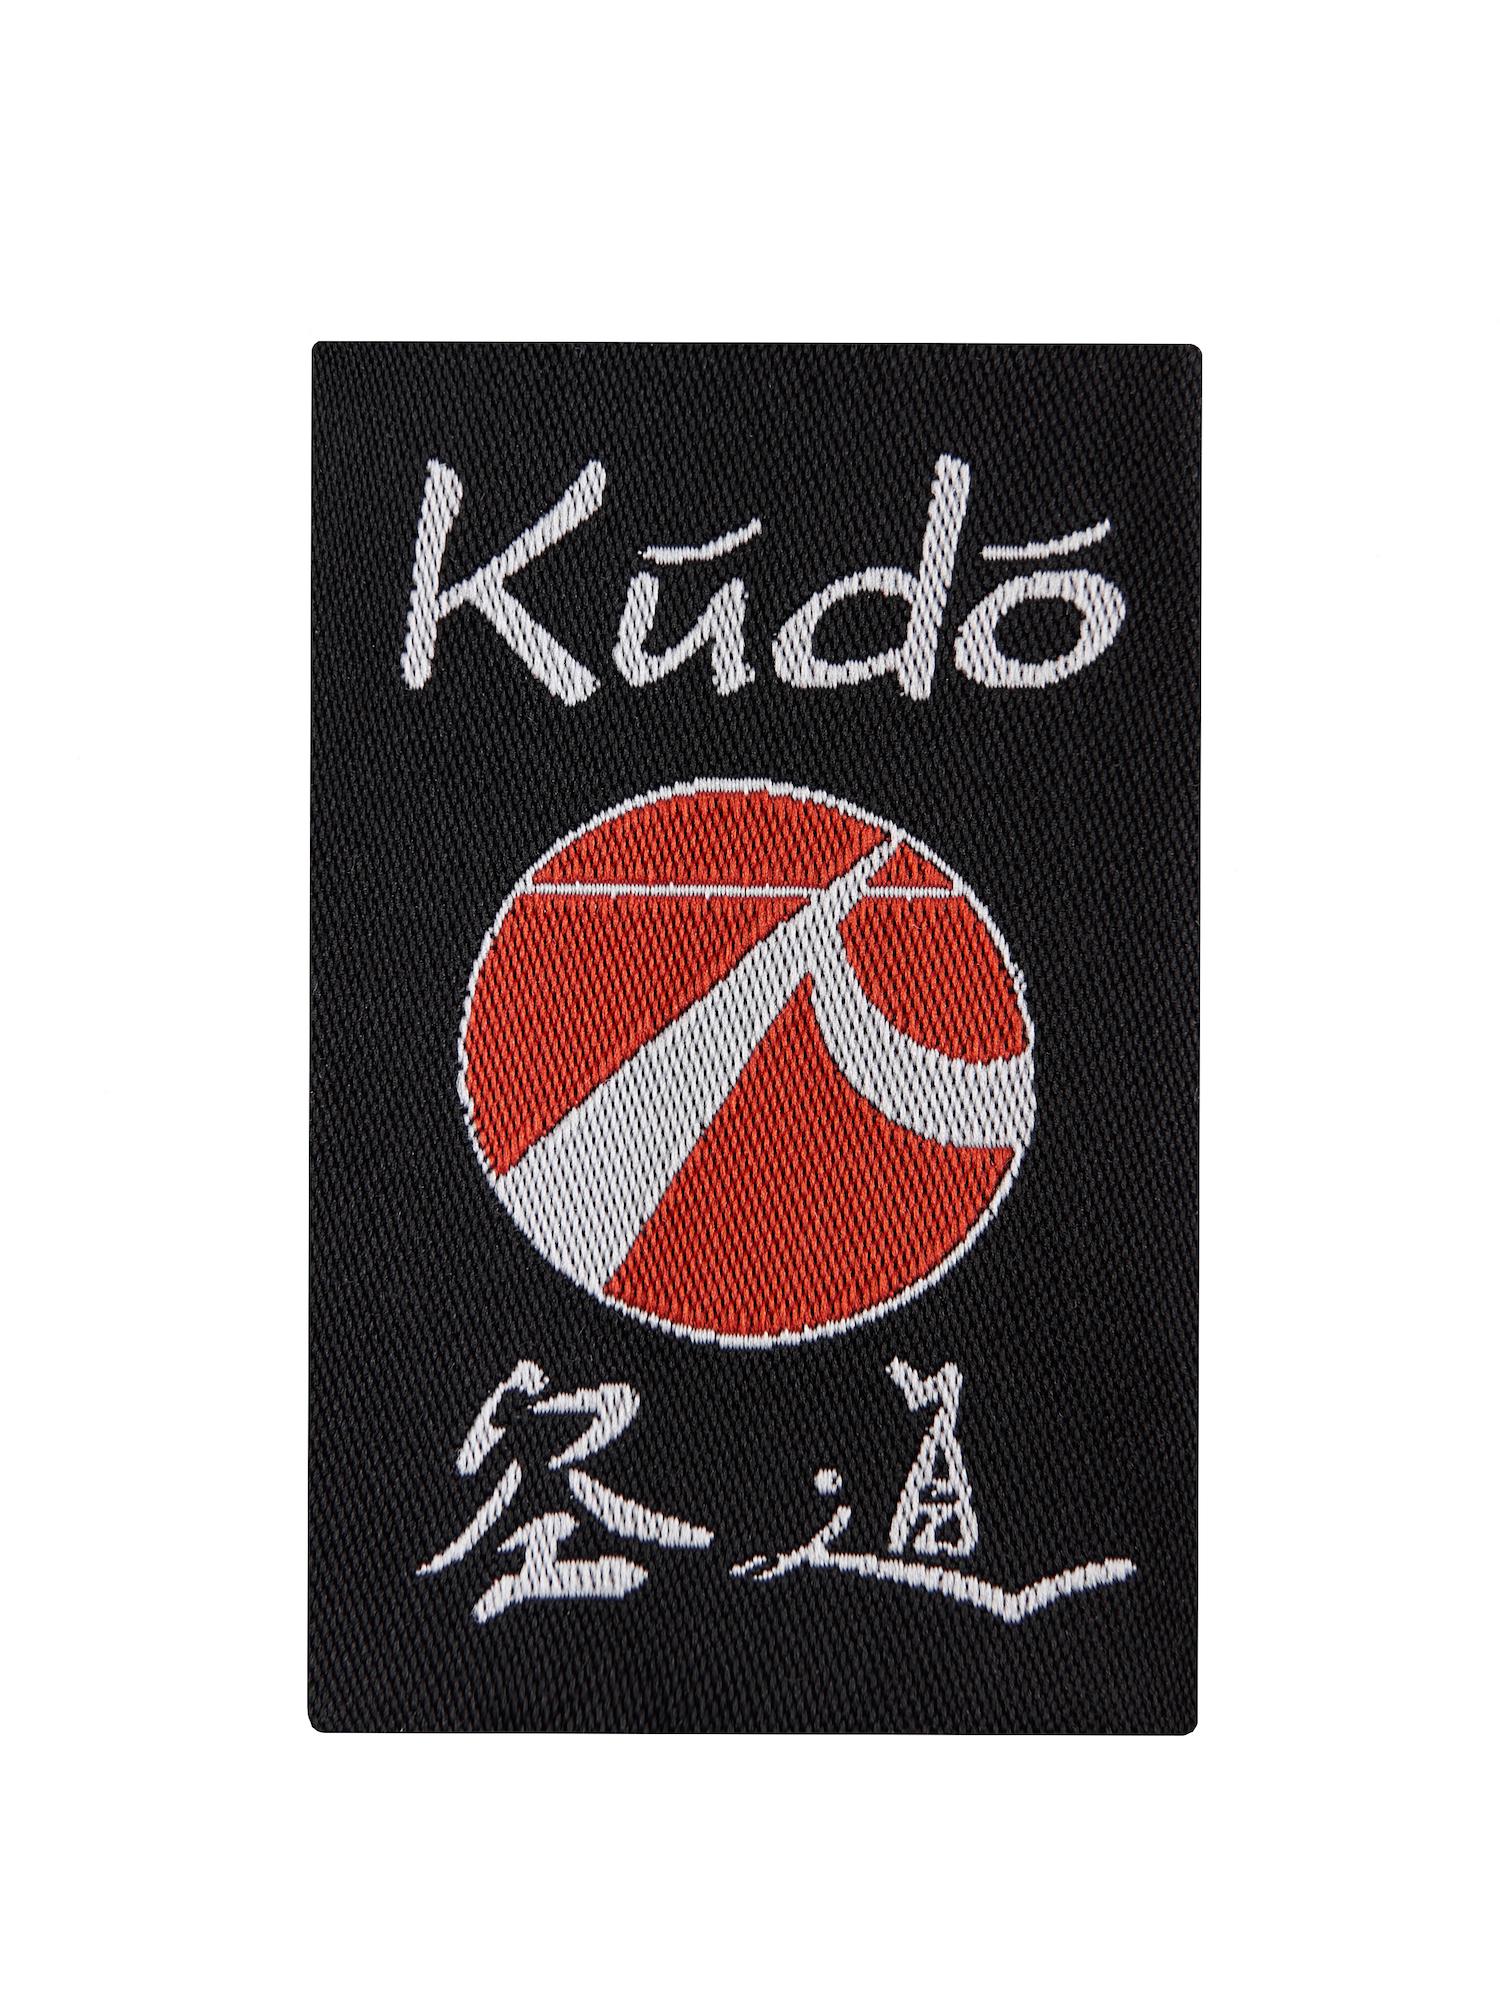 Аксессуары (брелки, шевроны, нашивки) Нашивка KUDO IP-24.jpg